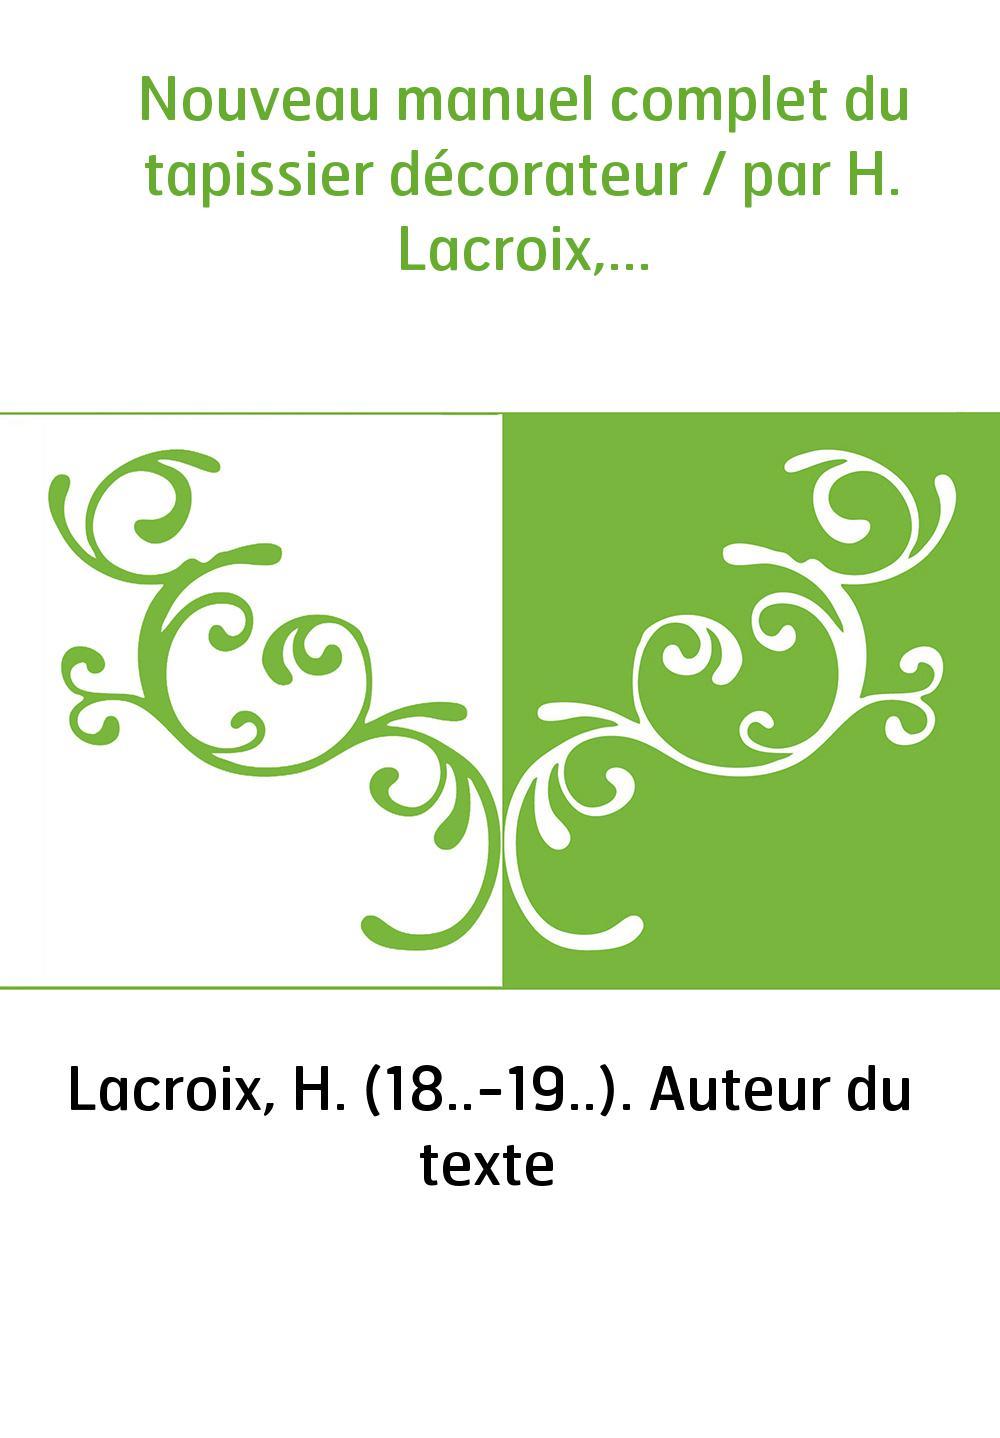 Nouveau manuel complet du tapissier décorateur / par H. Lacroix,...